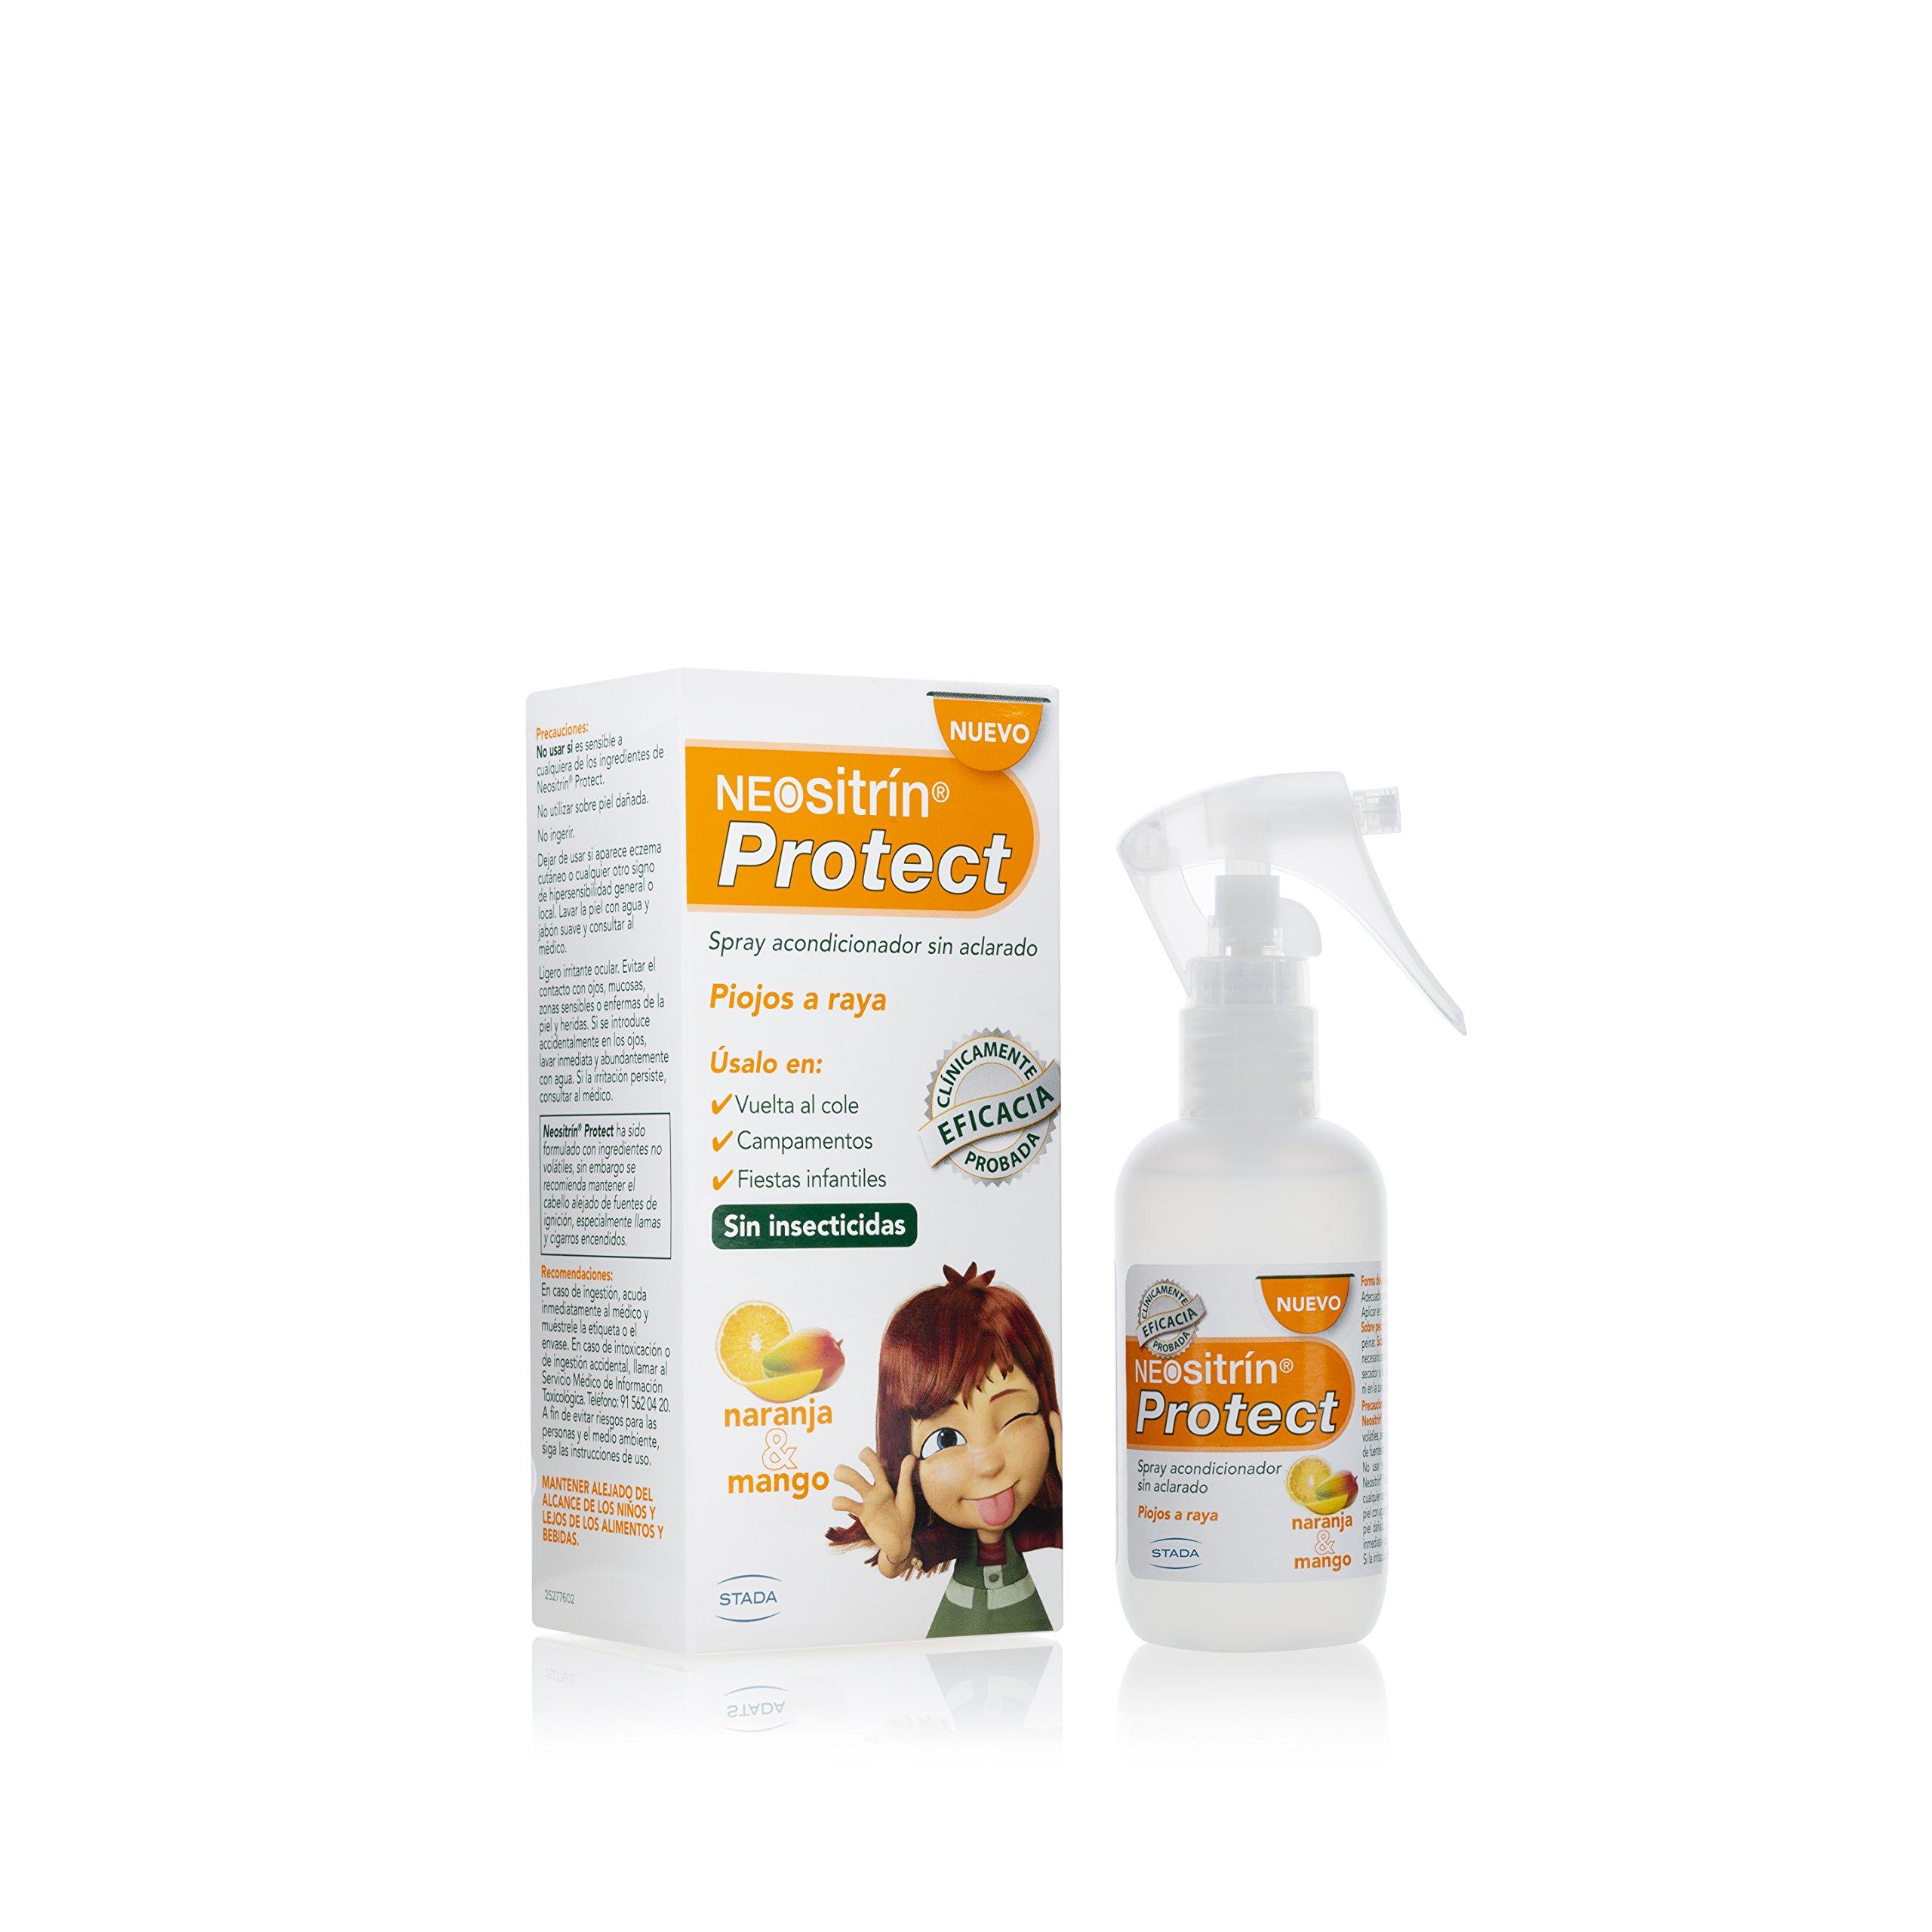 Neositrín, Cuidado del pelo y del cuero cabelludo (Protect spray)